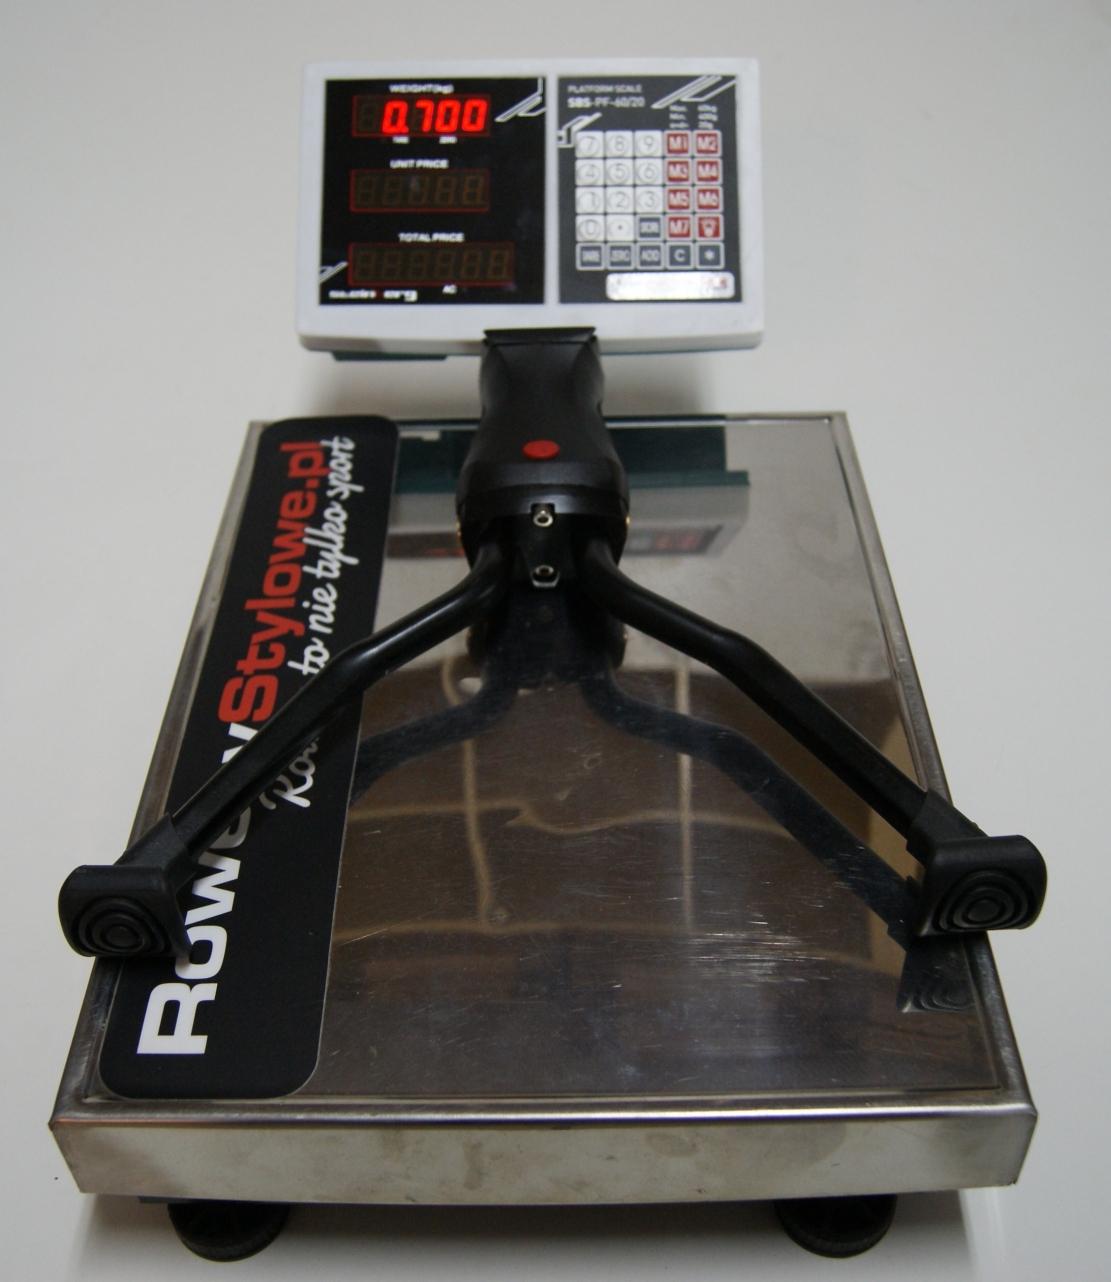 Podwójna nóżka rowerowa Hebie Fold REX do 80 kg 700 gram